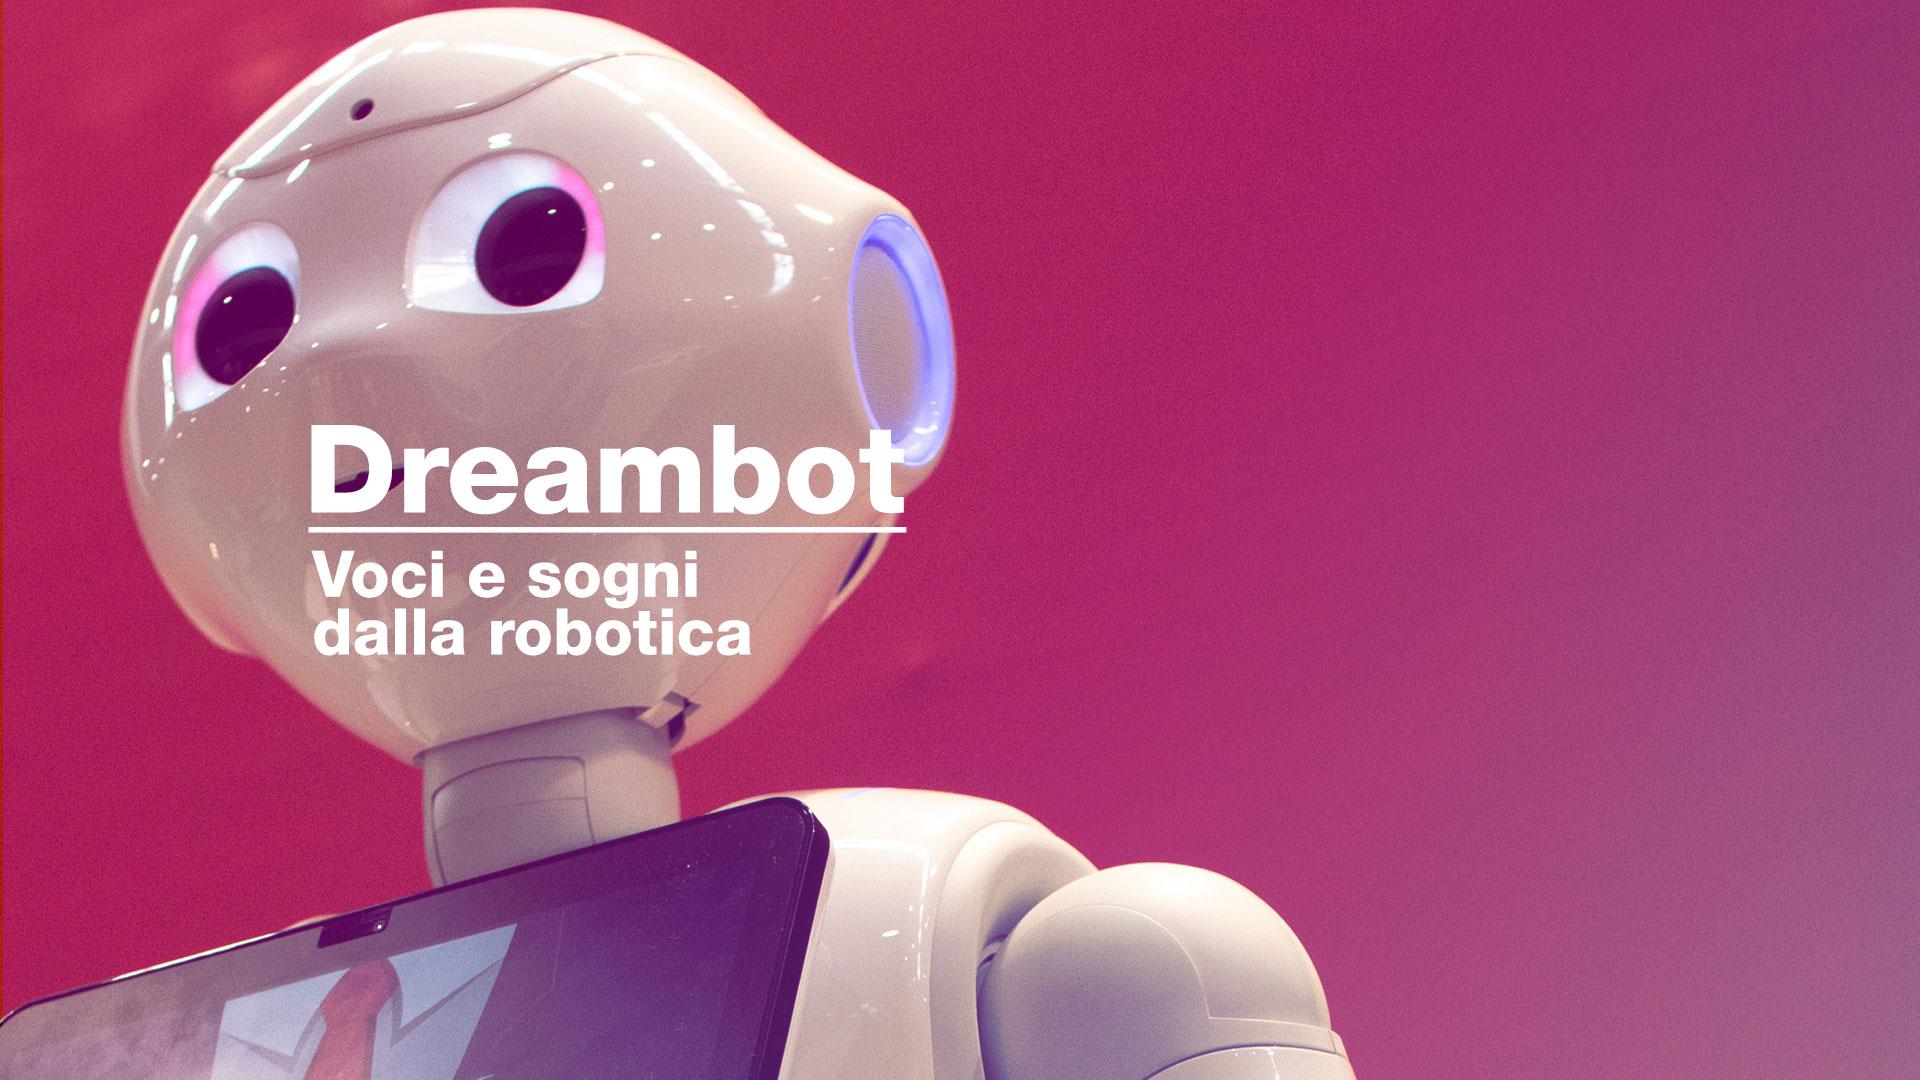 Dreambot, il nuovo podcast italiano dedicato alla robotica